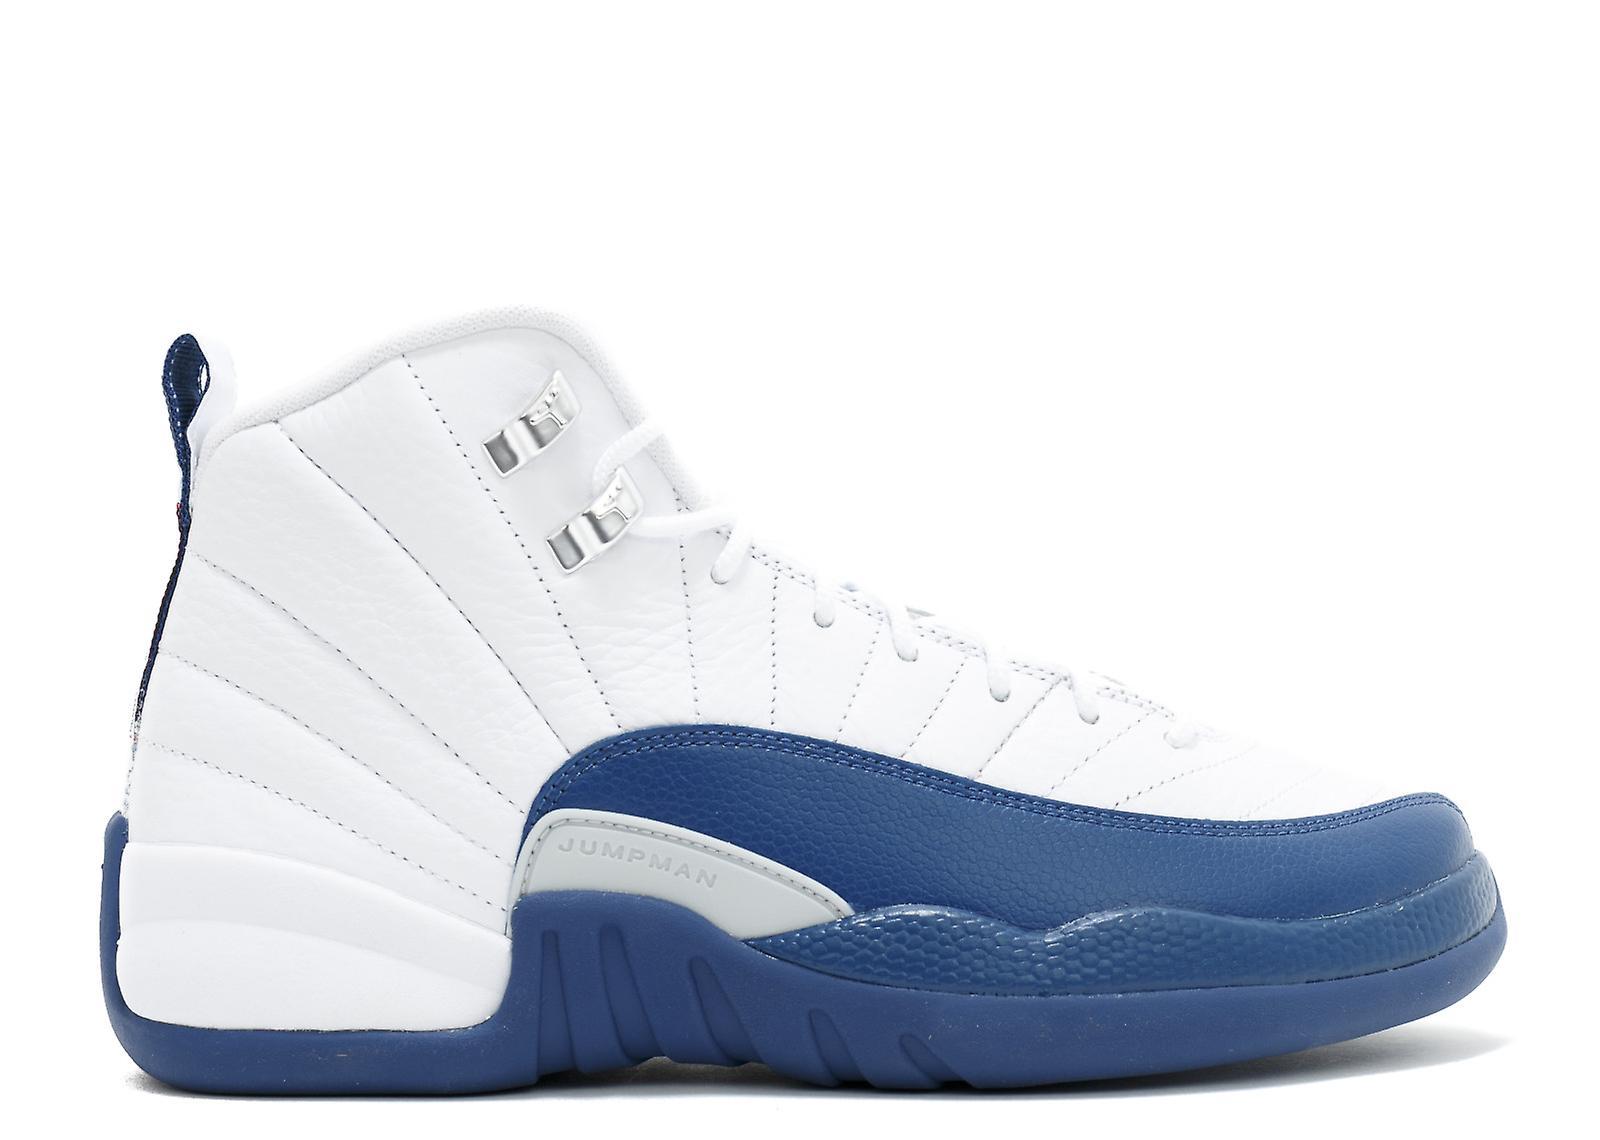 Air Jordan 12 fransk blå Gs Bg-153265-113 - sko